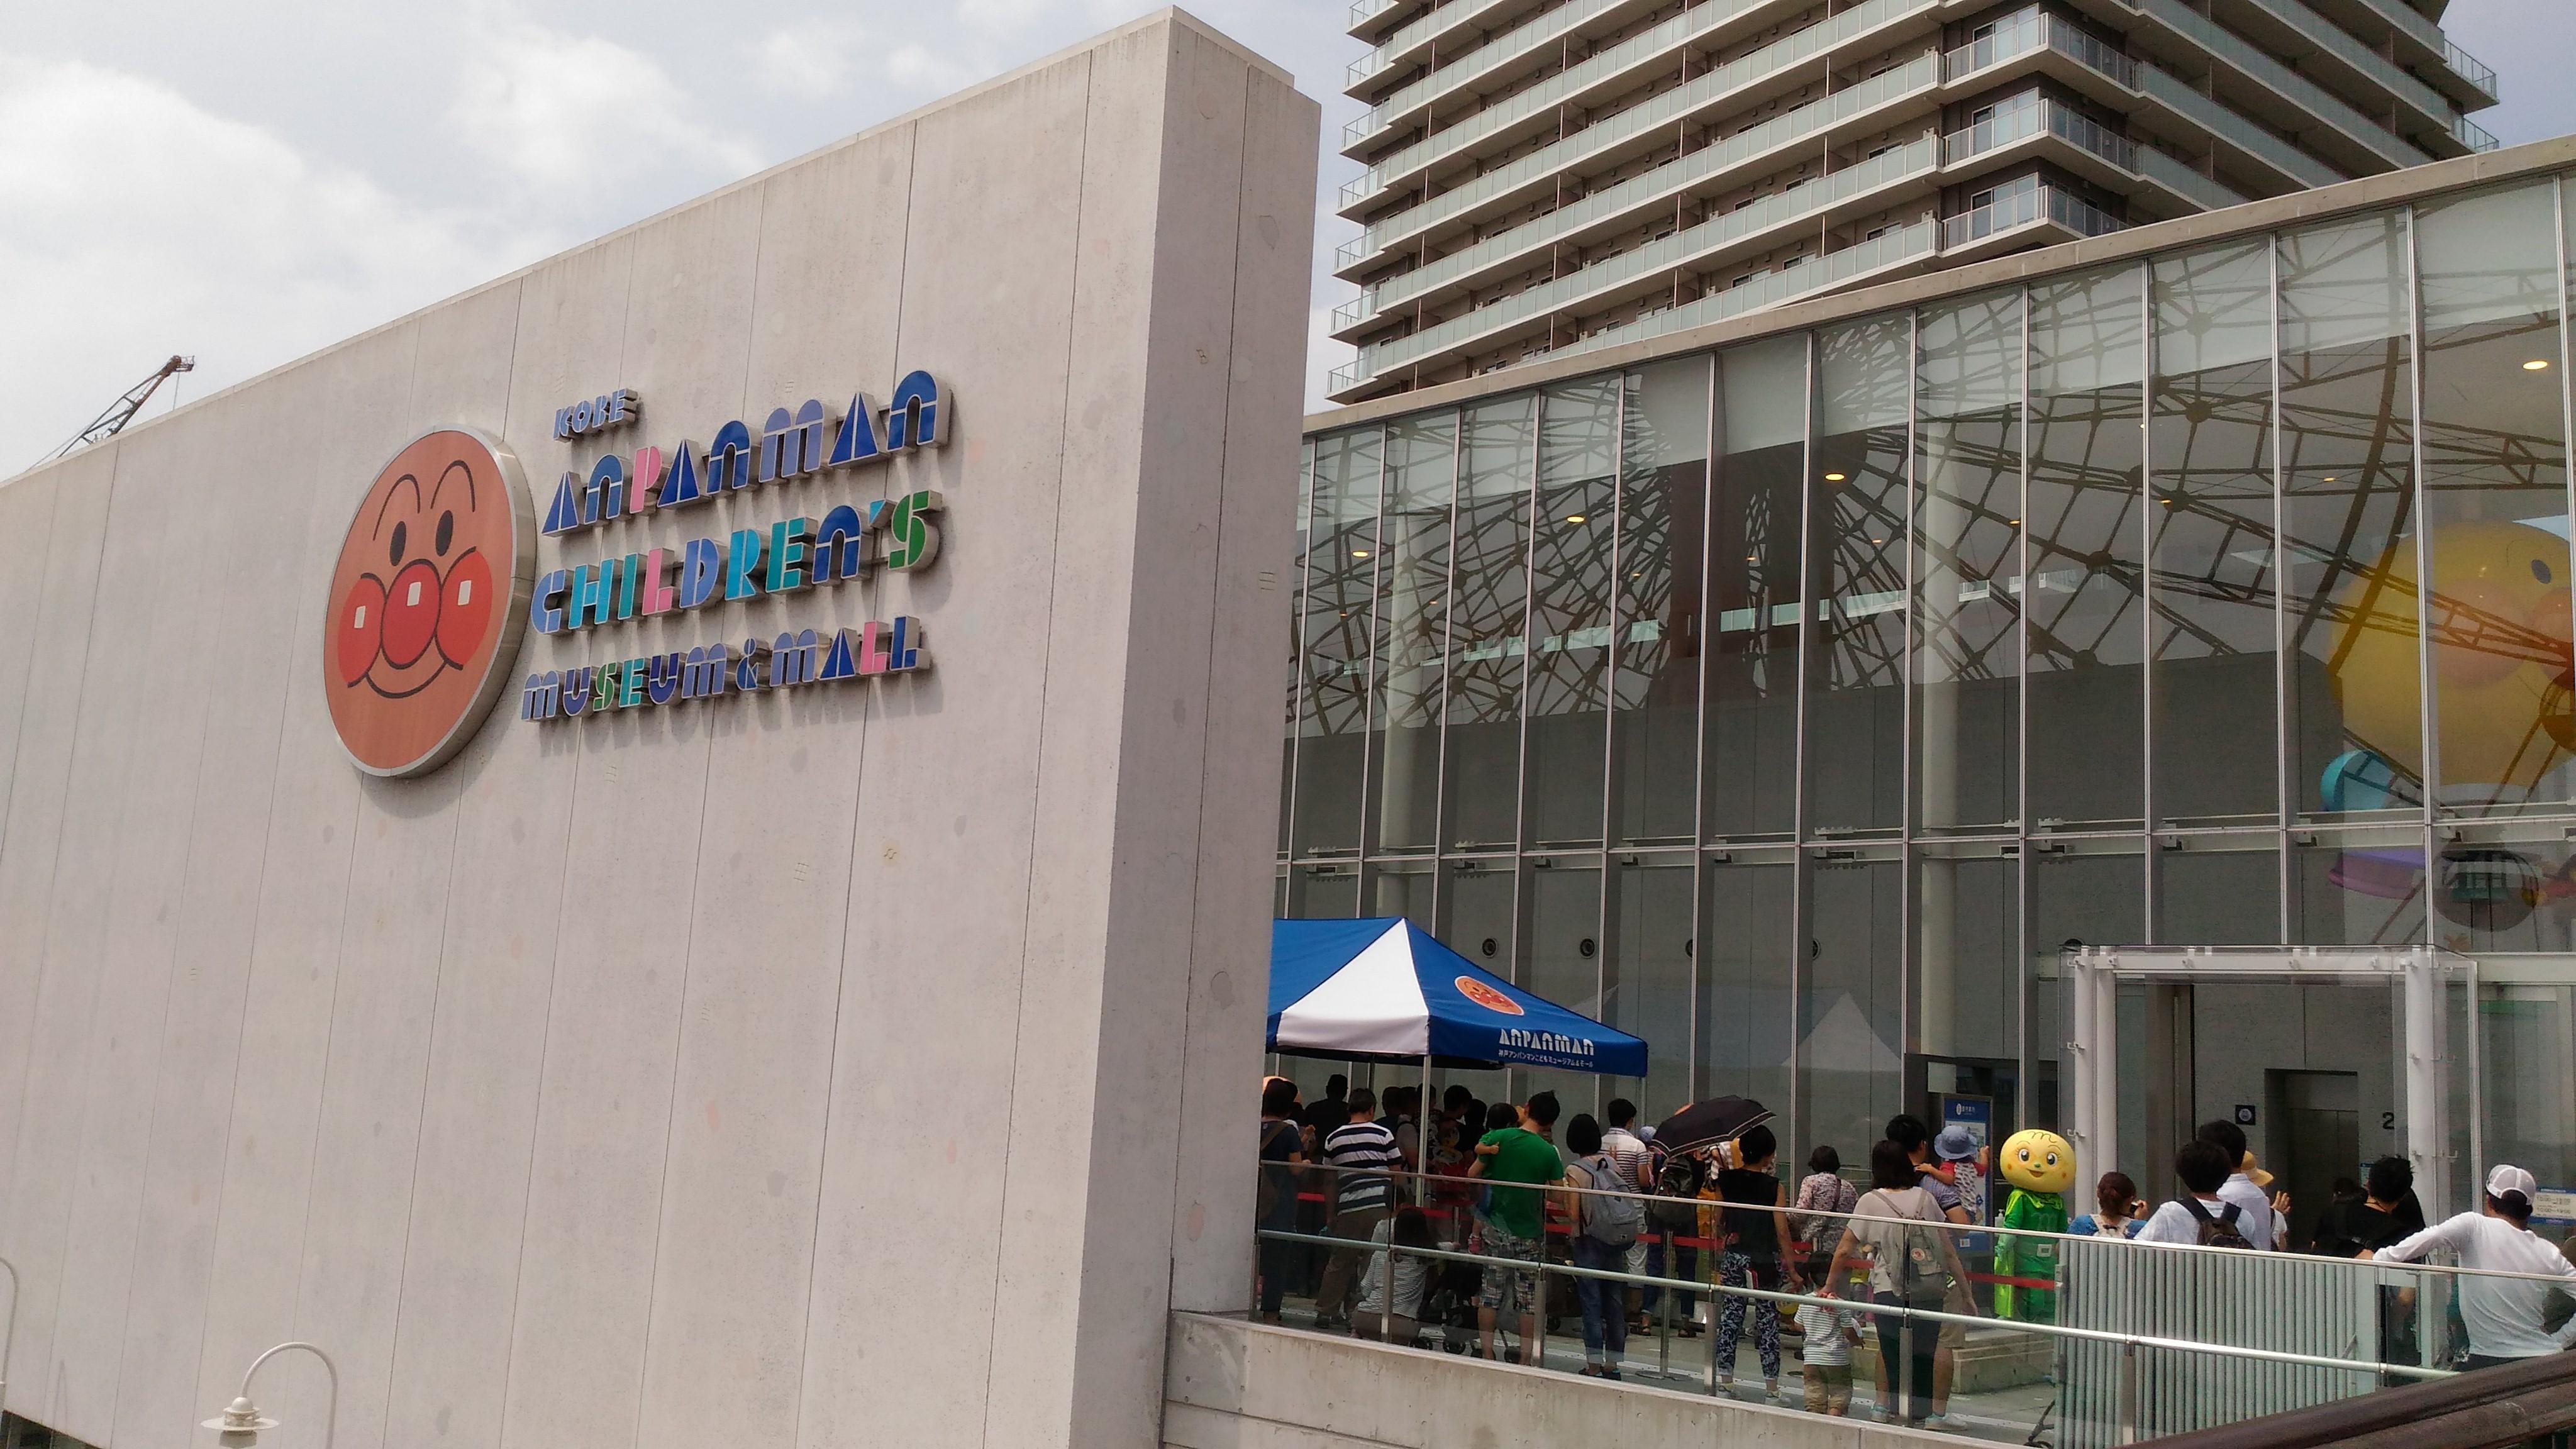 【神戸アンパンマンミュージアム攻略法を5つ紹介!】最寄りの駐車場に停め、限定グッズを買い、混雑のピークを避けて食事をしよう!